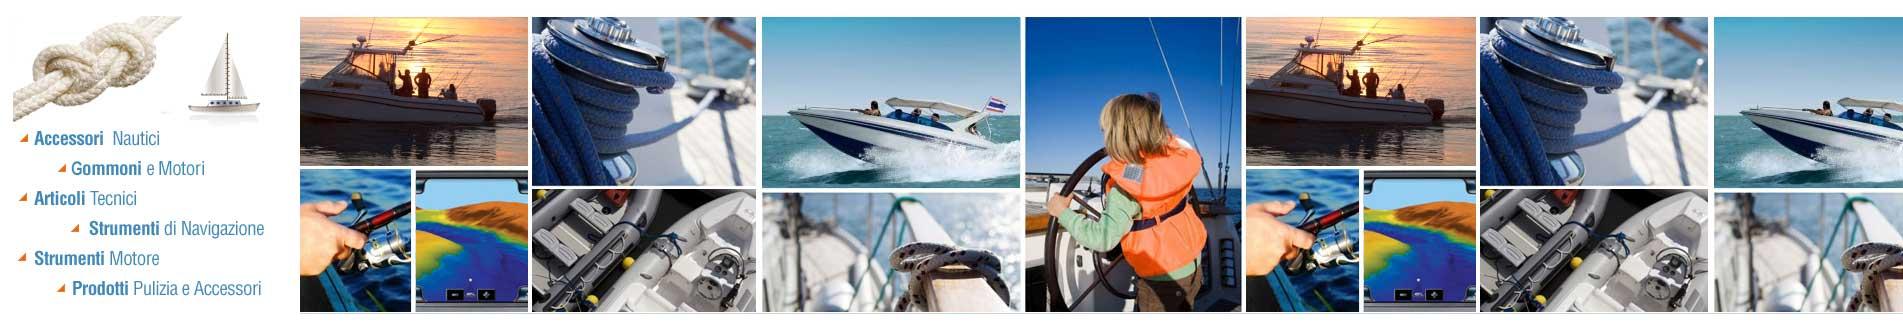 Web Nautica Shop Accessori Nautici Accessori Barca